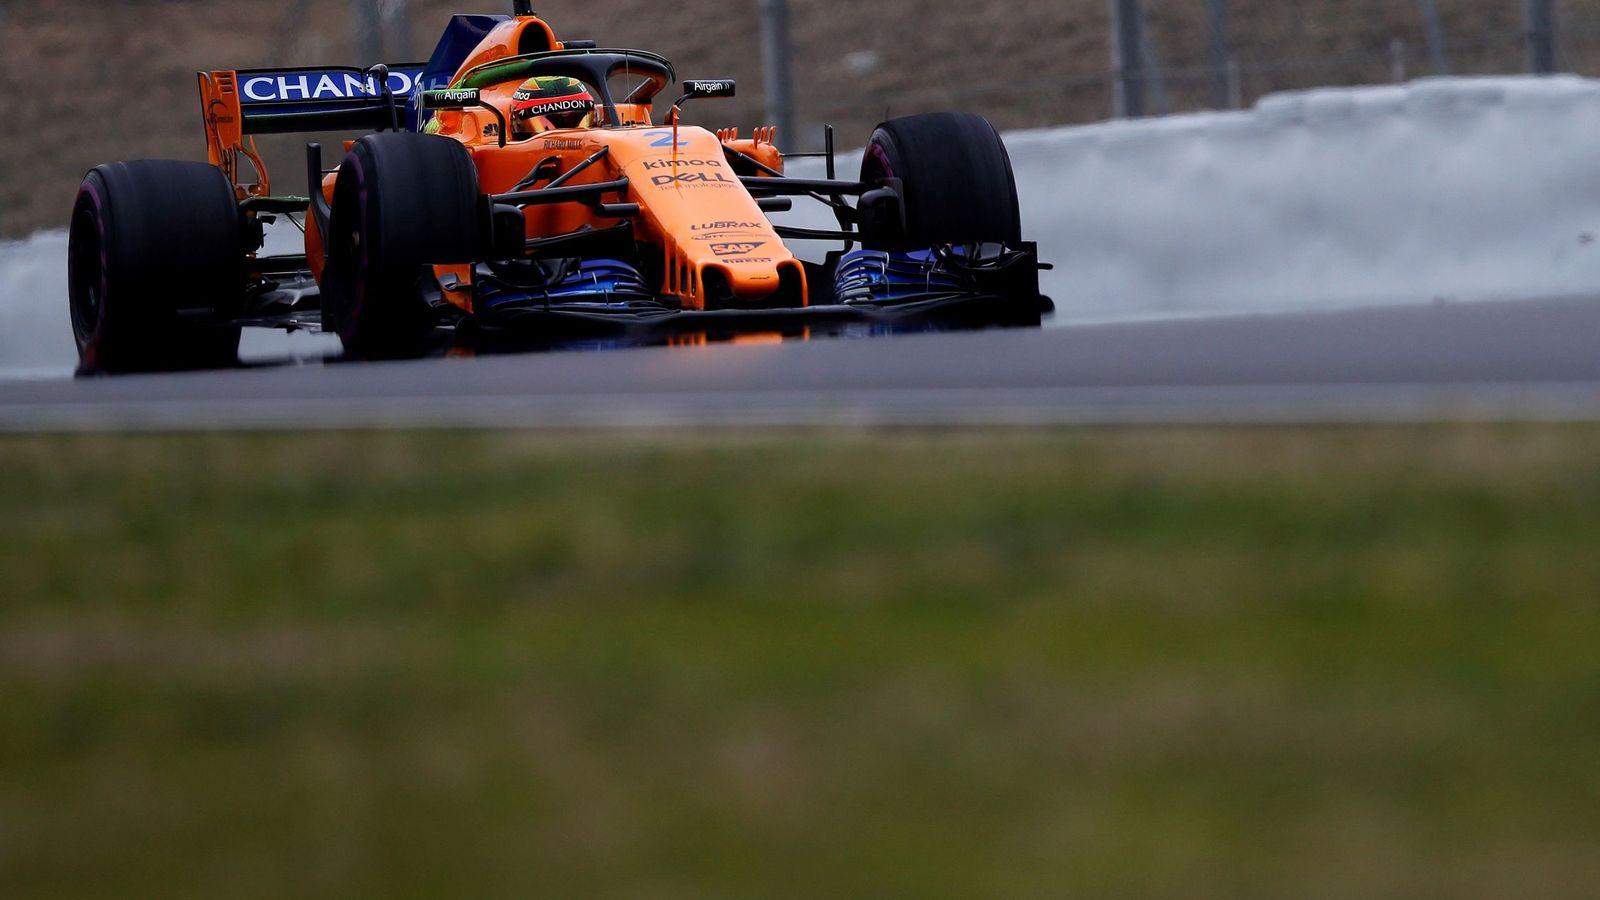 Y 1¿de Boullier Qué Fórmula Dar Hablarían Renault Mclaren Tras kuPXOZTi